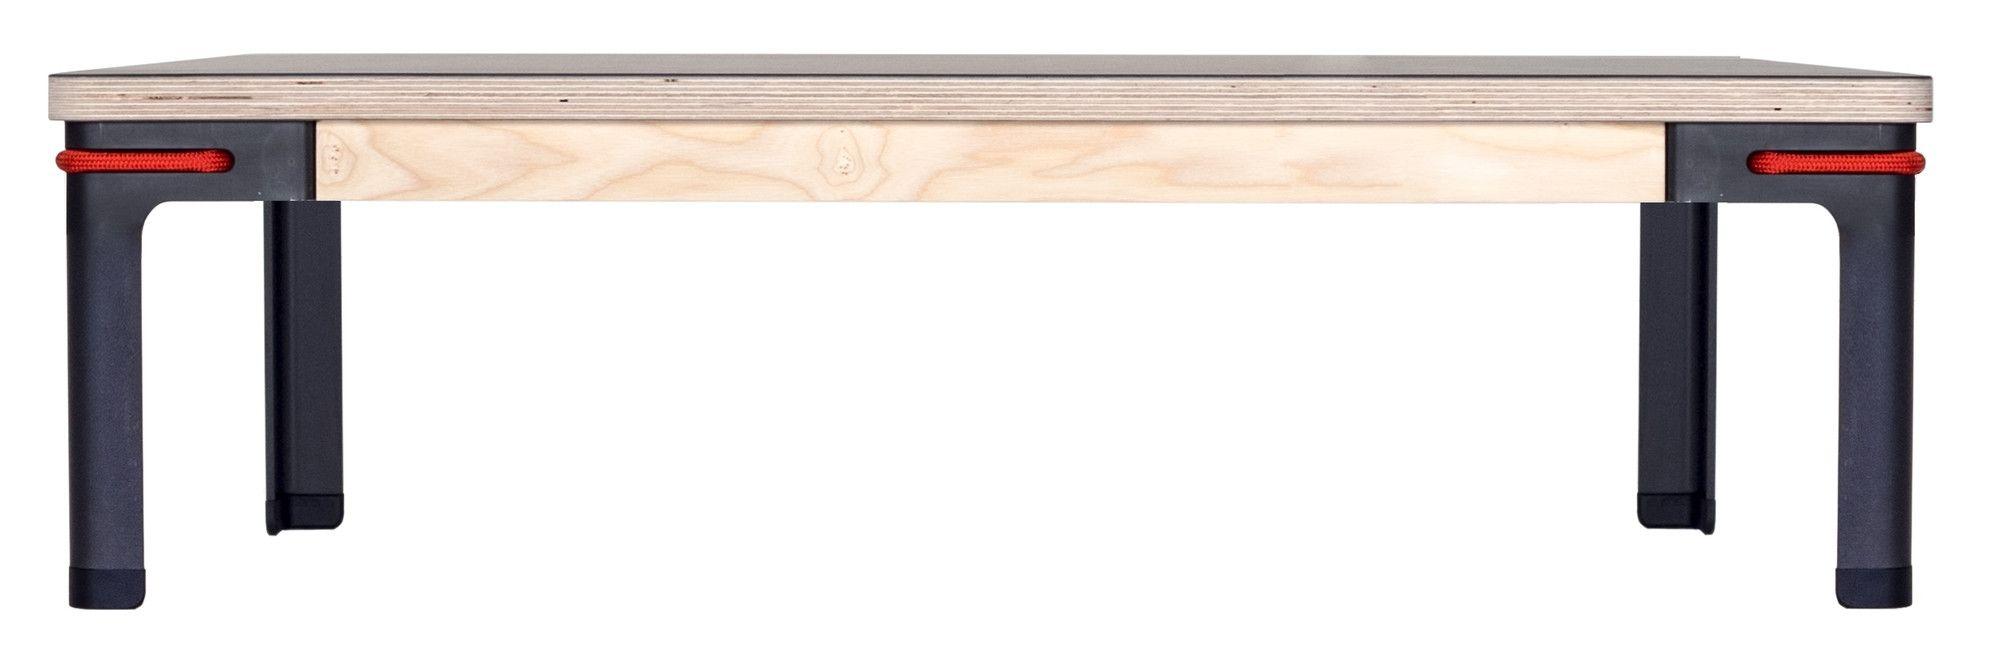 Minimales esszimmer dekor seiltänzer couchtisch von nils holger moormann  couchtische